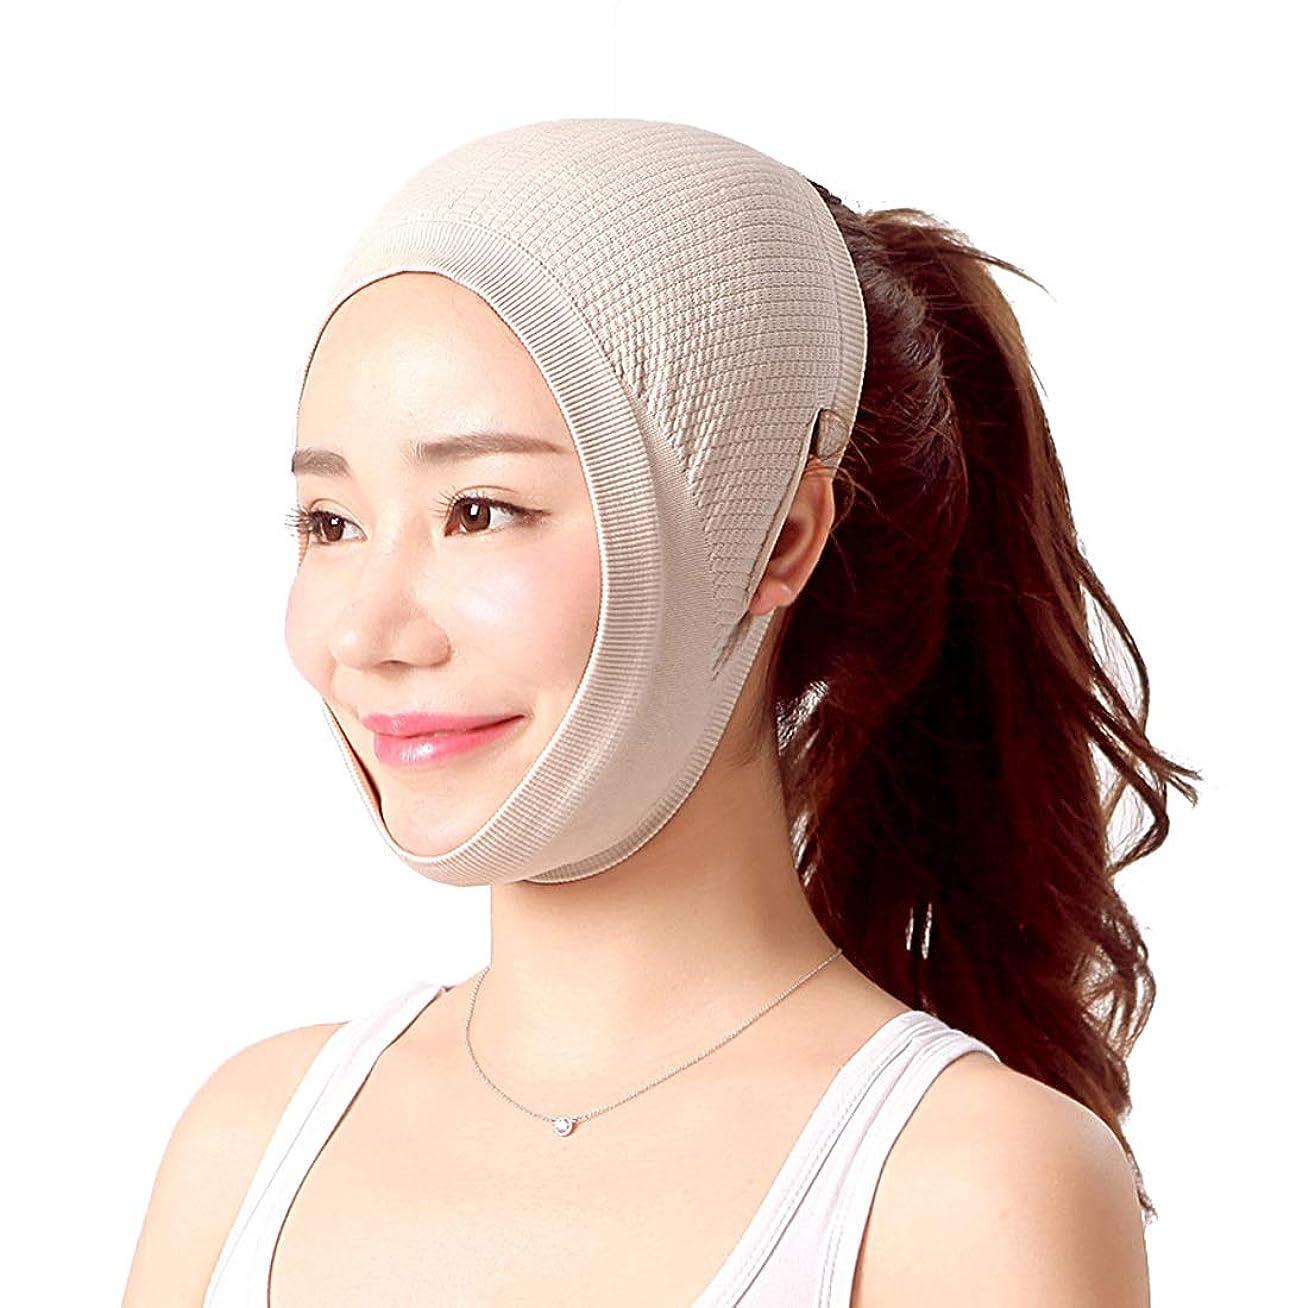 航空機発火するソビエトZWBD フェイスマスク, 減量の包帯を取除くために皮の包帯、二重あごをきつく締めるための顔の包帯が付いている顔の減量のマスクは調節することができます